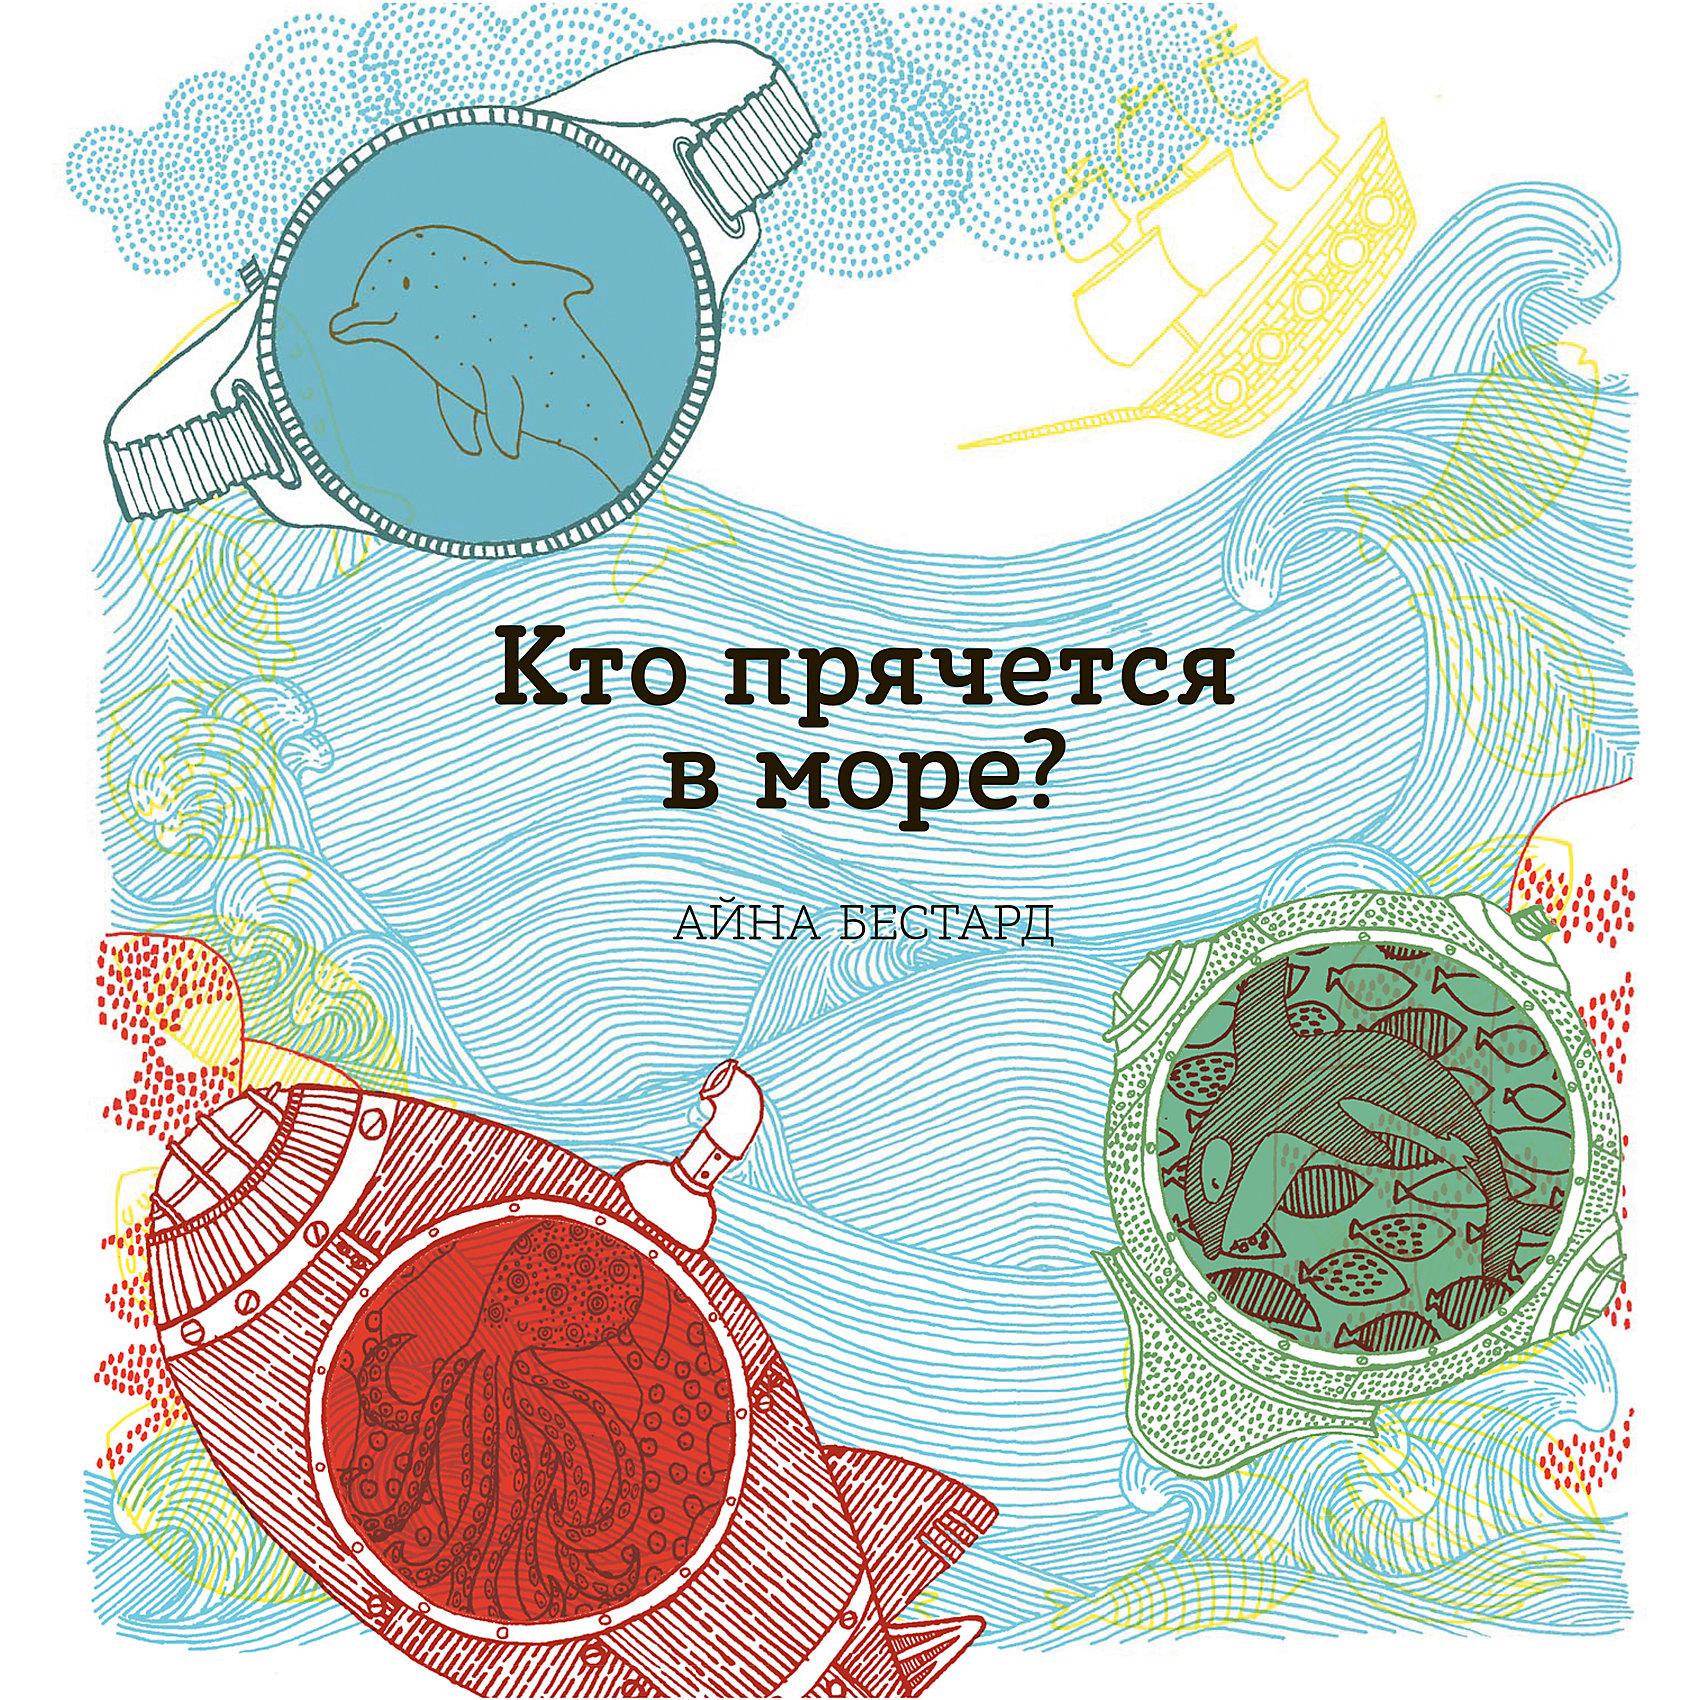 Кто прячется в море?Энциклопедии для малышей<br>Это большая, красивая и необычная по формату  детская книга о животных, которые живут в море. С помощью цветных фильтров на ее страницах можно увидеть то, что незаметно на первый взгляд. Так кто же прячется в море? Посмотри на картинки через разноцветные фильтры, и ты узнаешь!<br><br>Ширина мм: 300<br>Глубина мм: 288<br>Высота мм: 110<br>Вес г: 538<br>Возраст от месяцев: 36<br>Возраст до месяцев: 2147483647<br>Пол: Унисекс<br>Возраст: Детский<br>SKU: 5535306